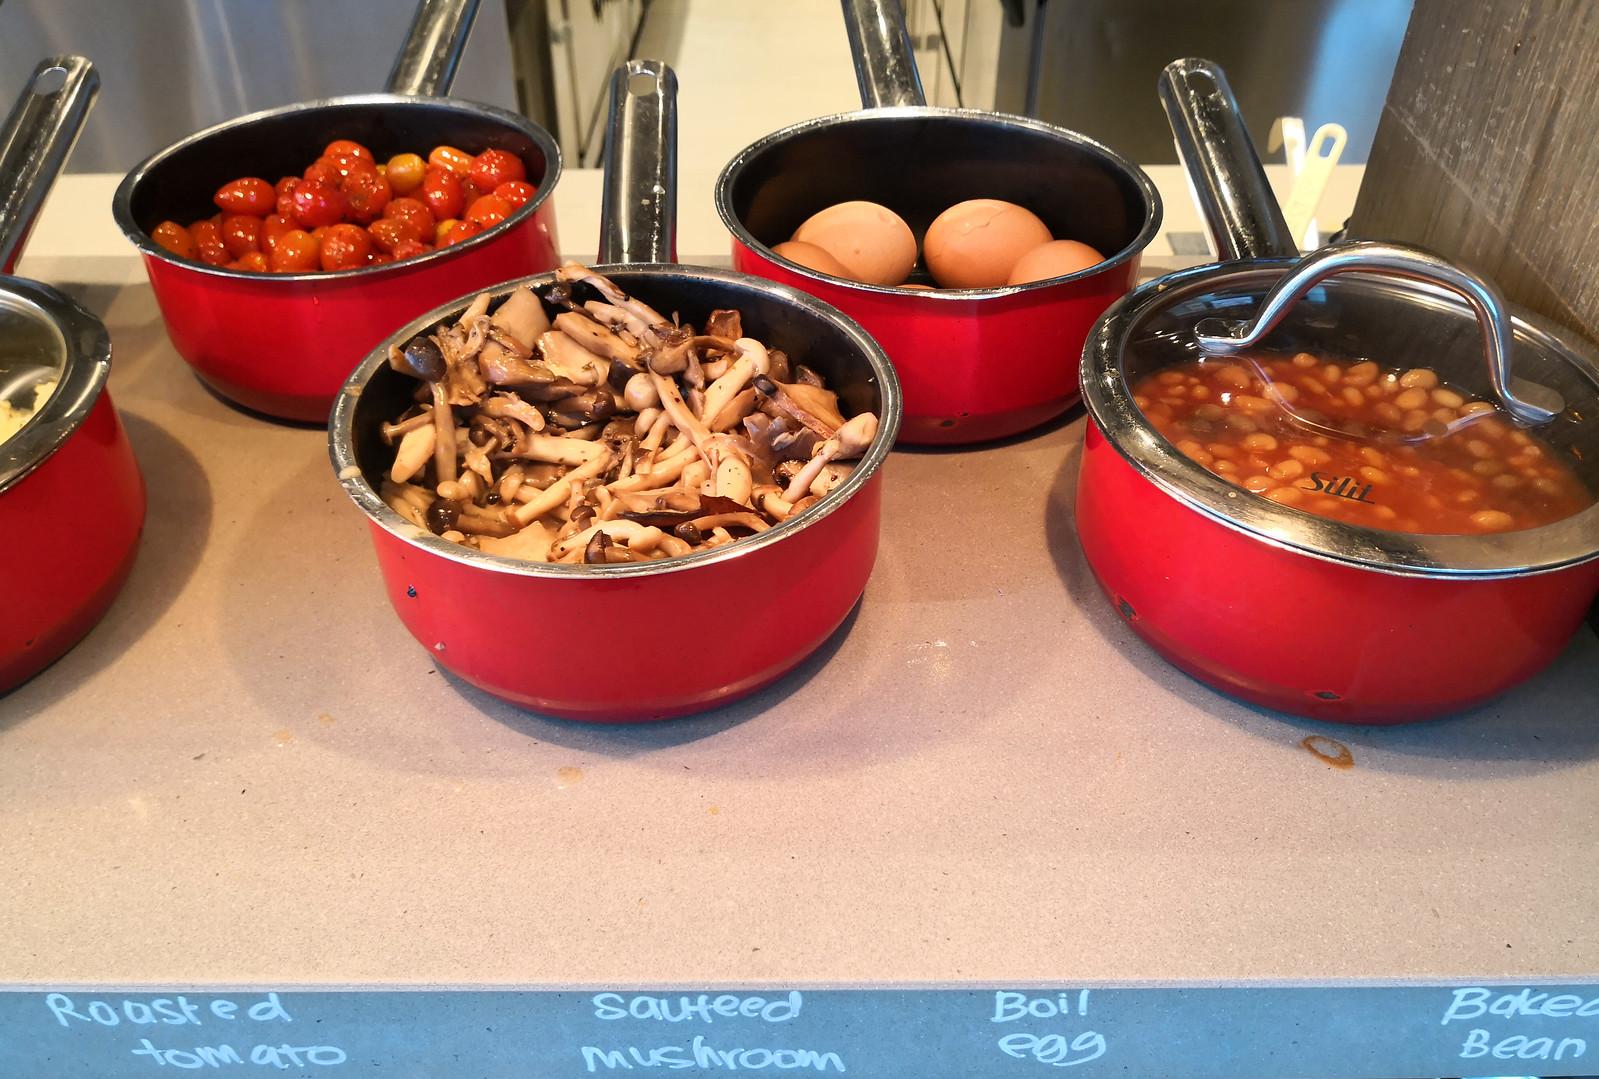 Mushroom, egg and beans